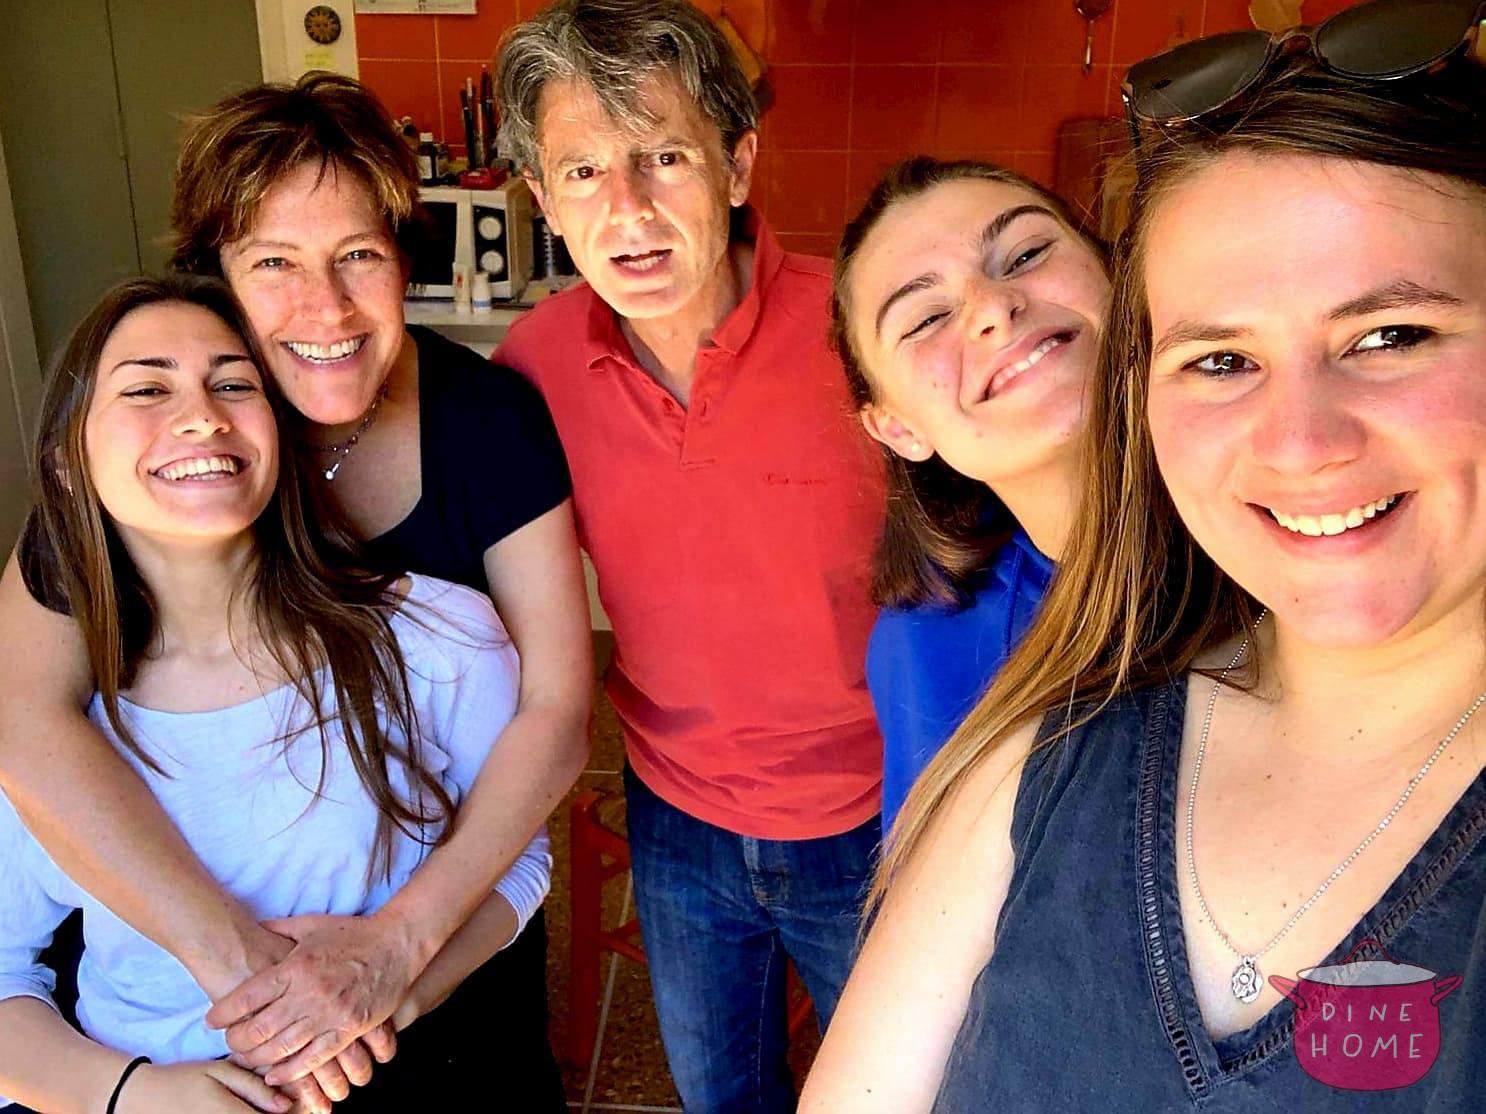 Olivia, studentessa dagli USA, a cena dalla sua famiglia Dinehome.